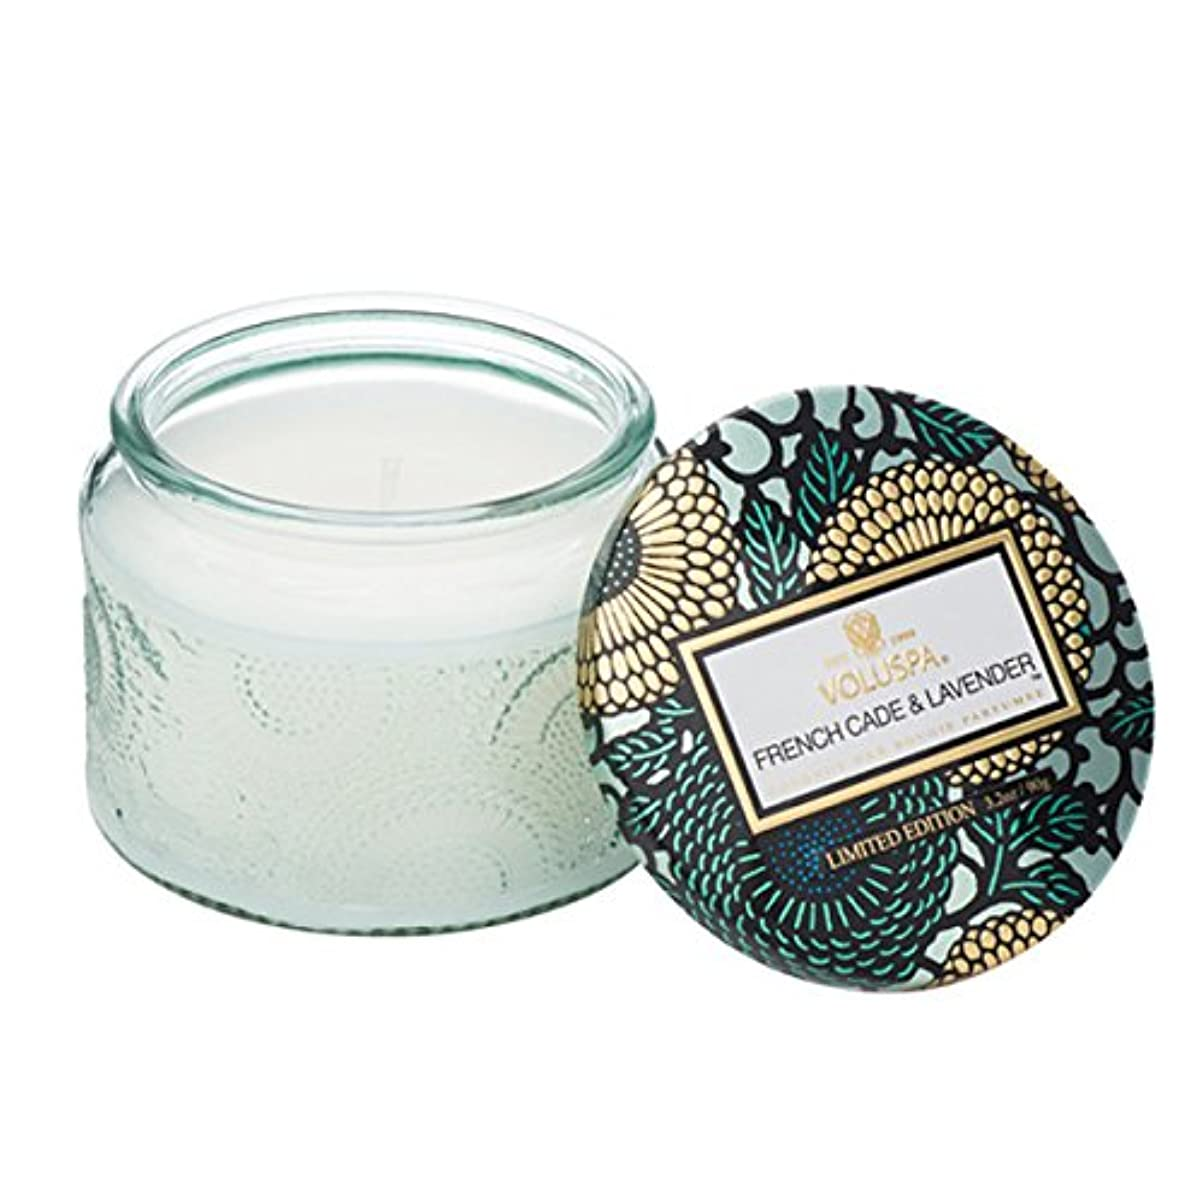 犯罪爪論争的Voluspa ボルスパ ジャポニカ リミテッド グラスジャーキャンドル  S フレンチケード&ラベンダー FRENCH CADE LAVENDER  JAPONICA Limited PETITE EMBOSSED Glass jar candle